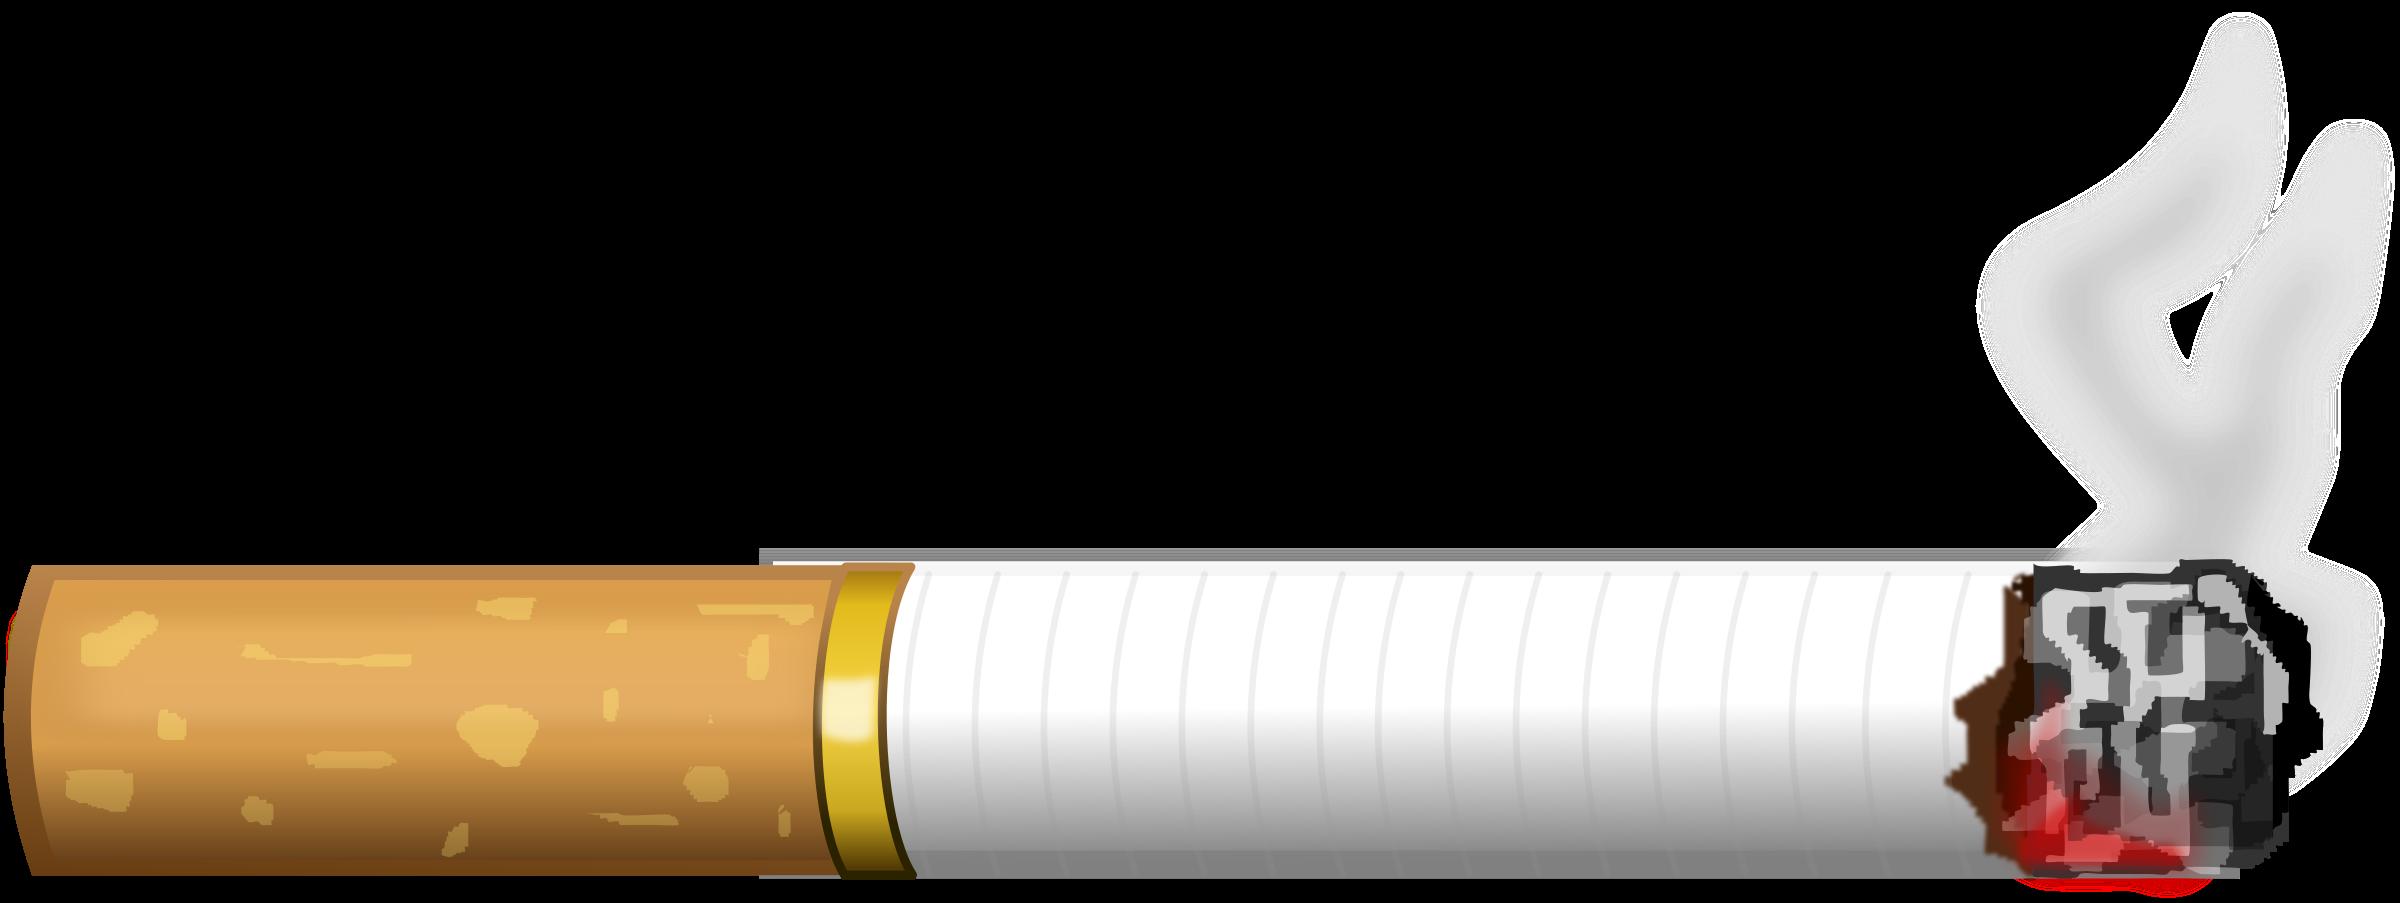 Дымящаяся Сигарета PNG фото скачать